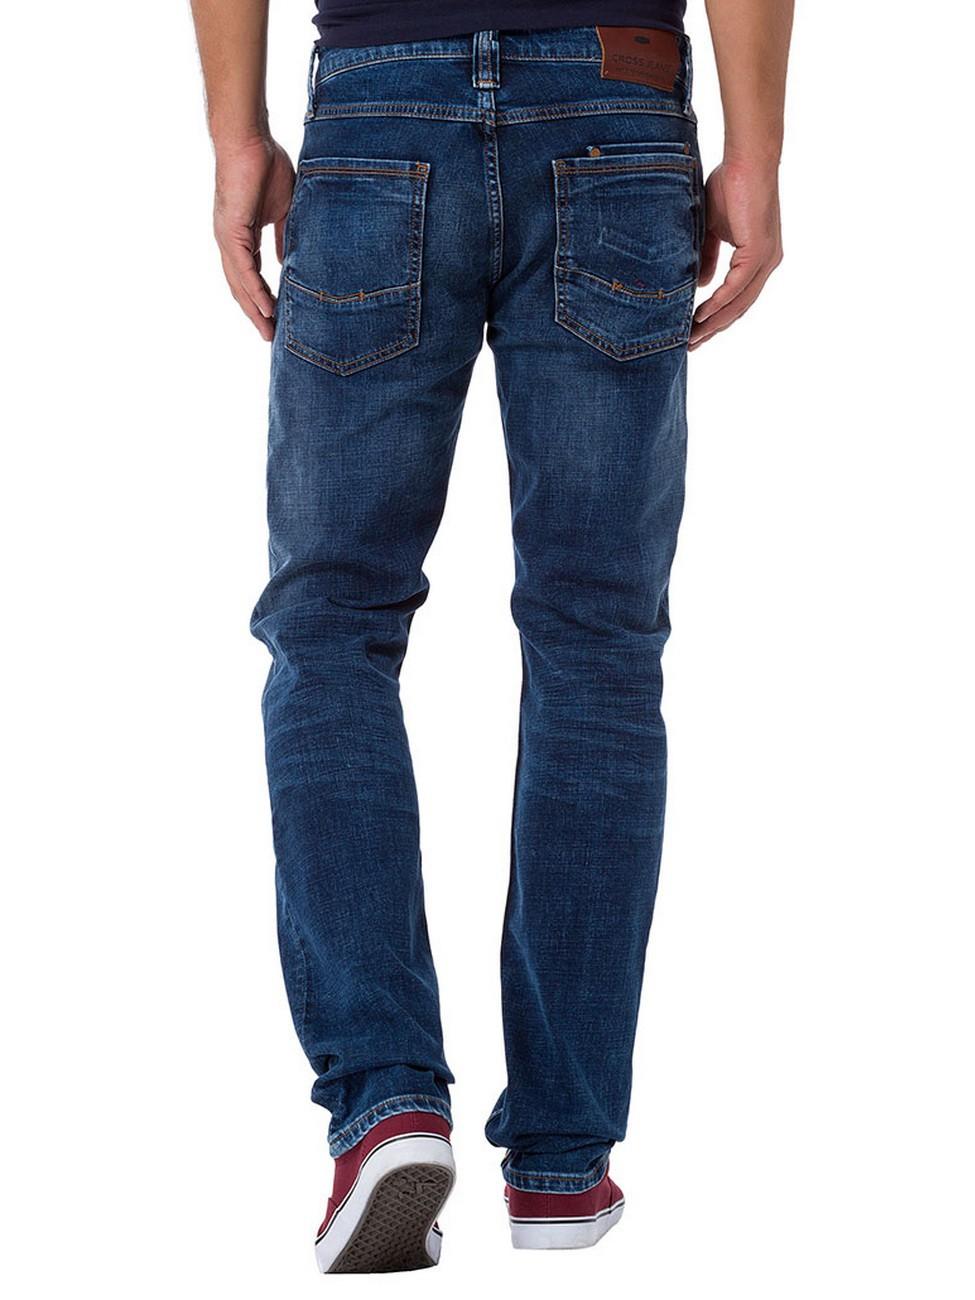 cross herren jeans dylan e195 042 regular fit deep blue ebay. Black Bedroom Furniture Sets. Home Design Ideas